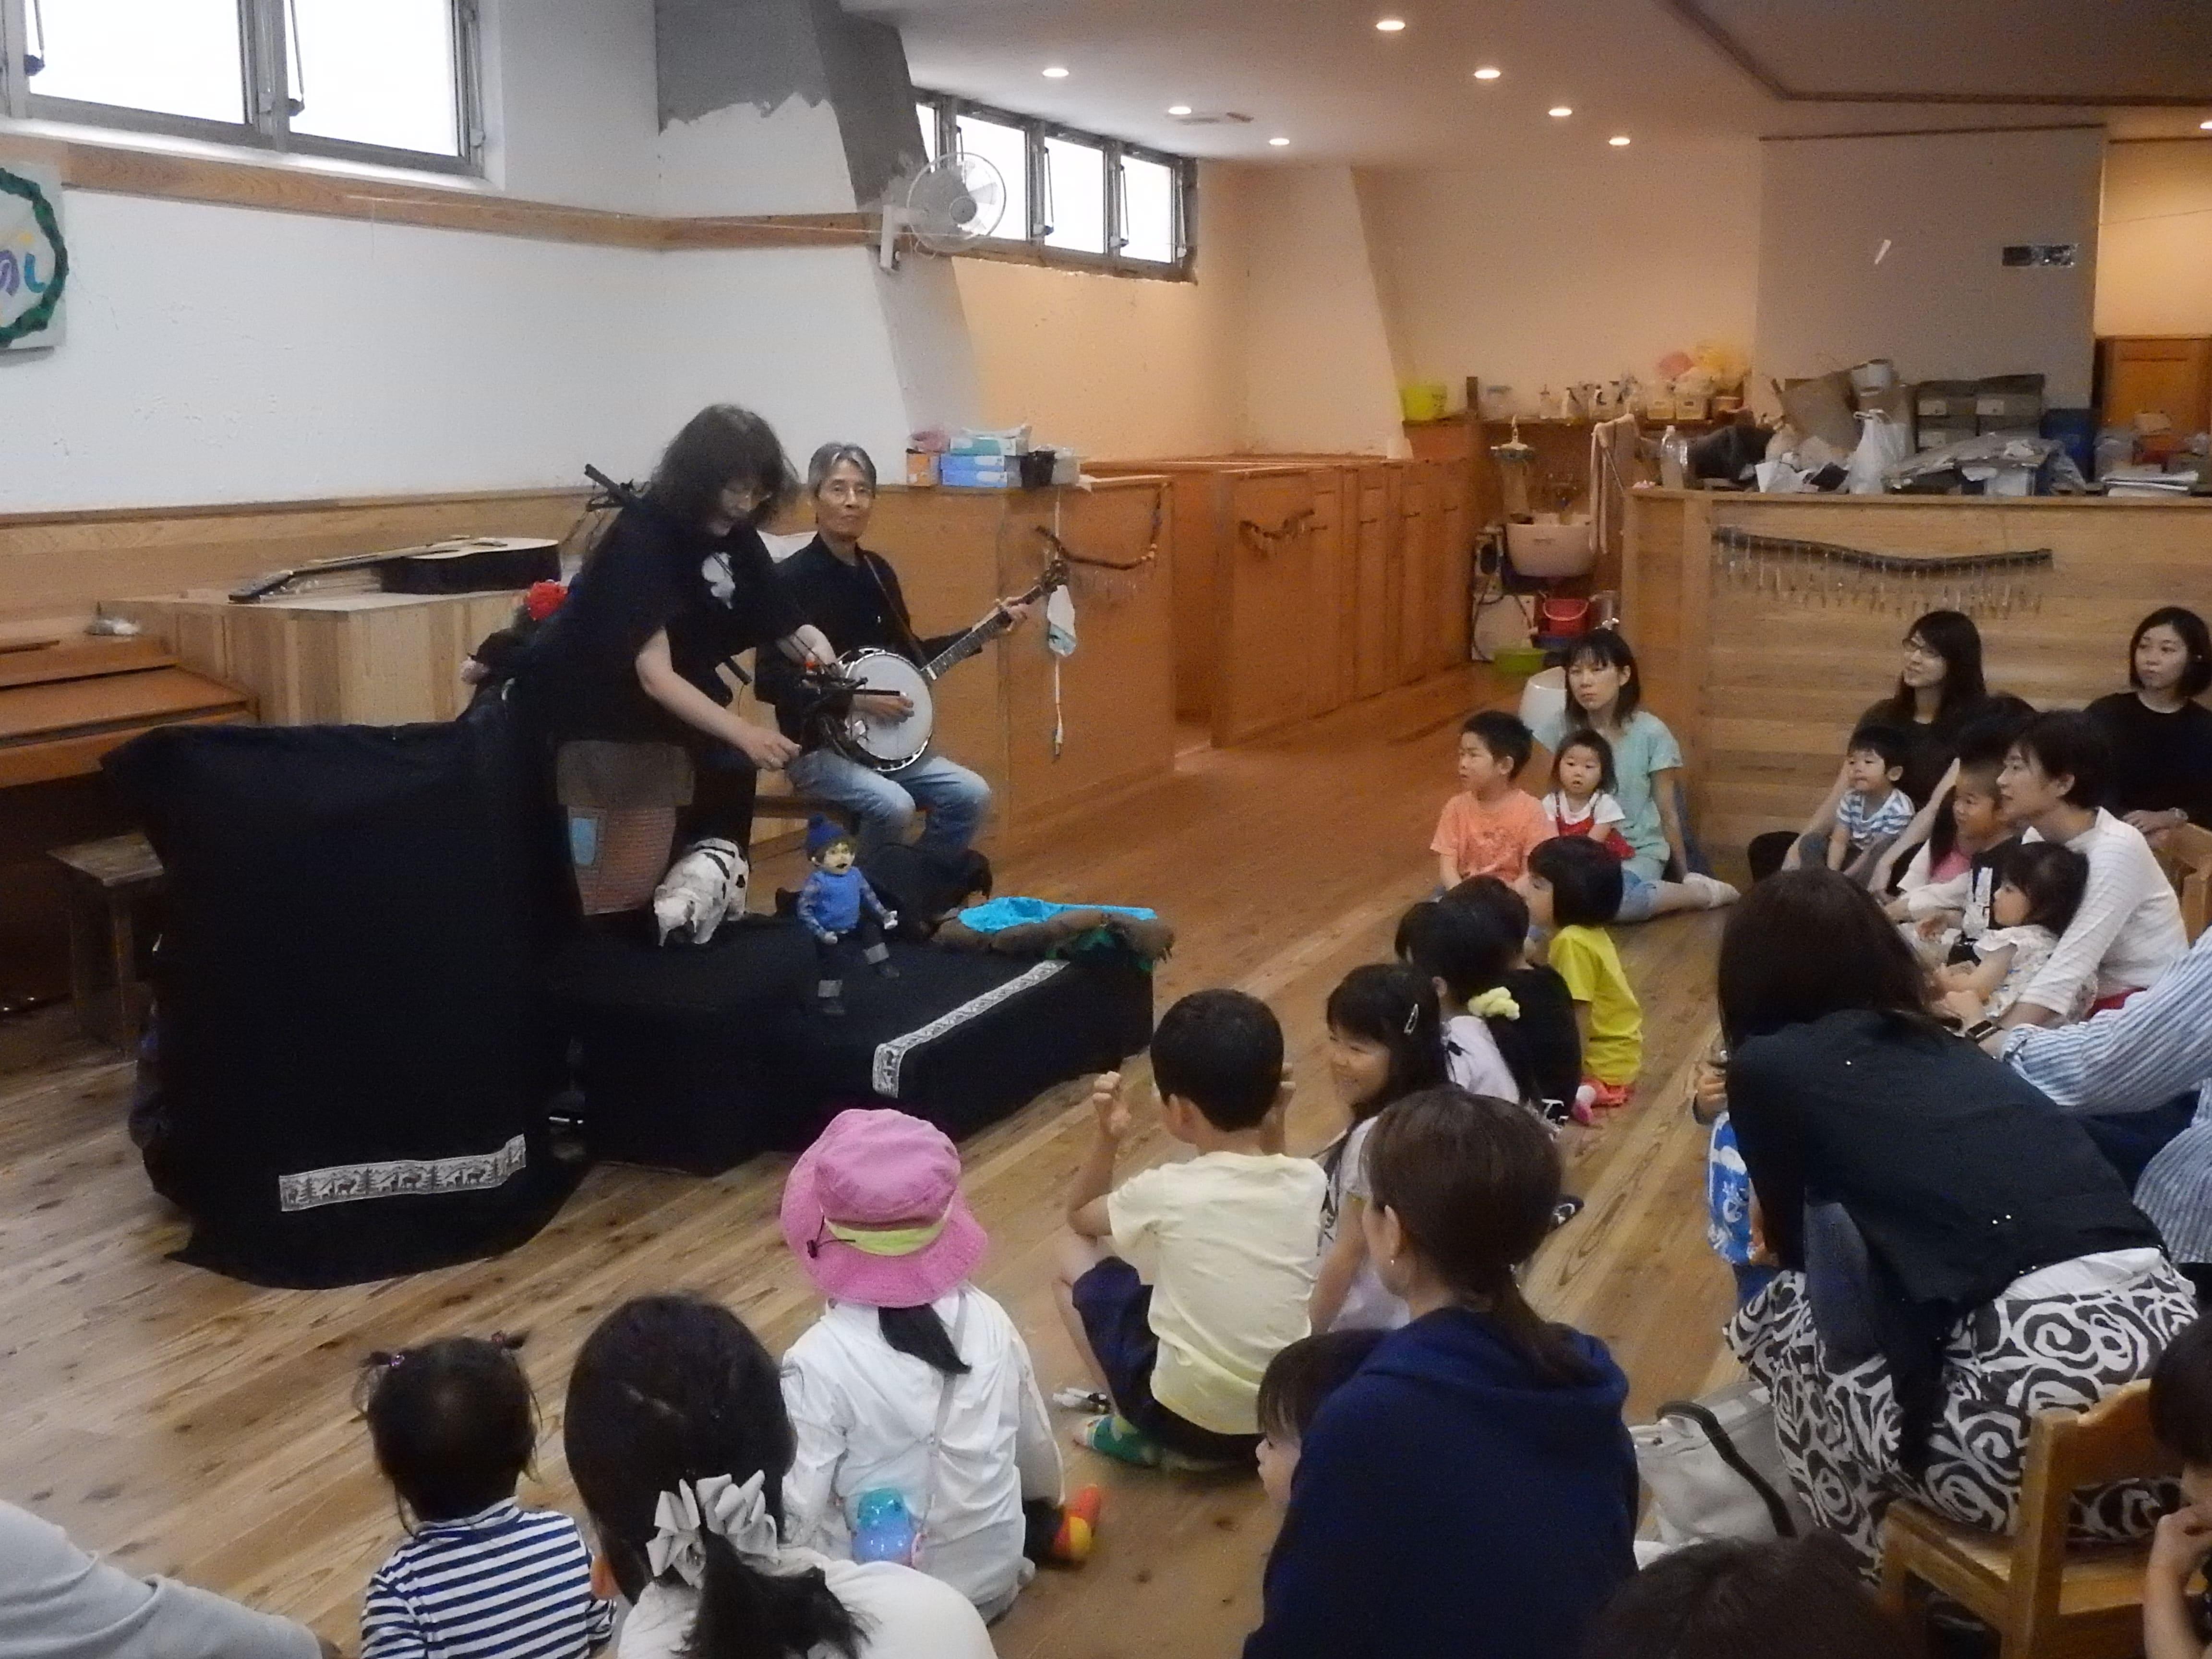 めーぷるキッズ10周年&天井完成記念 うれしたのし人形劇団「人形劇とコンサート」が開催されました